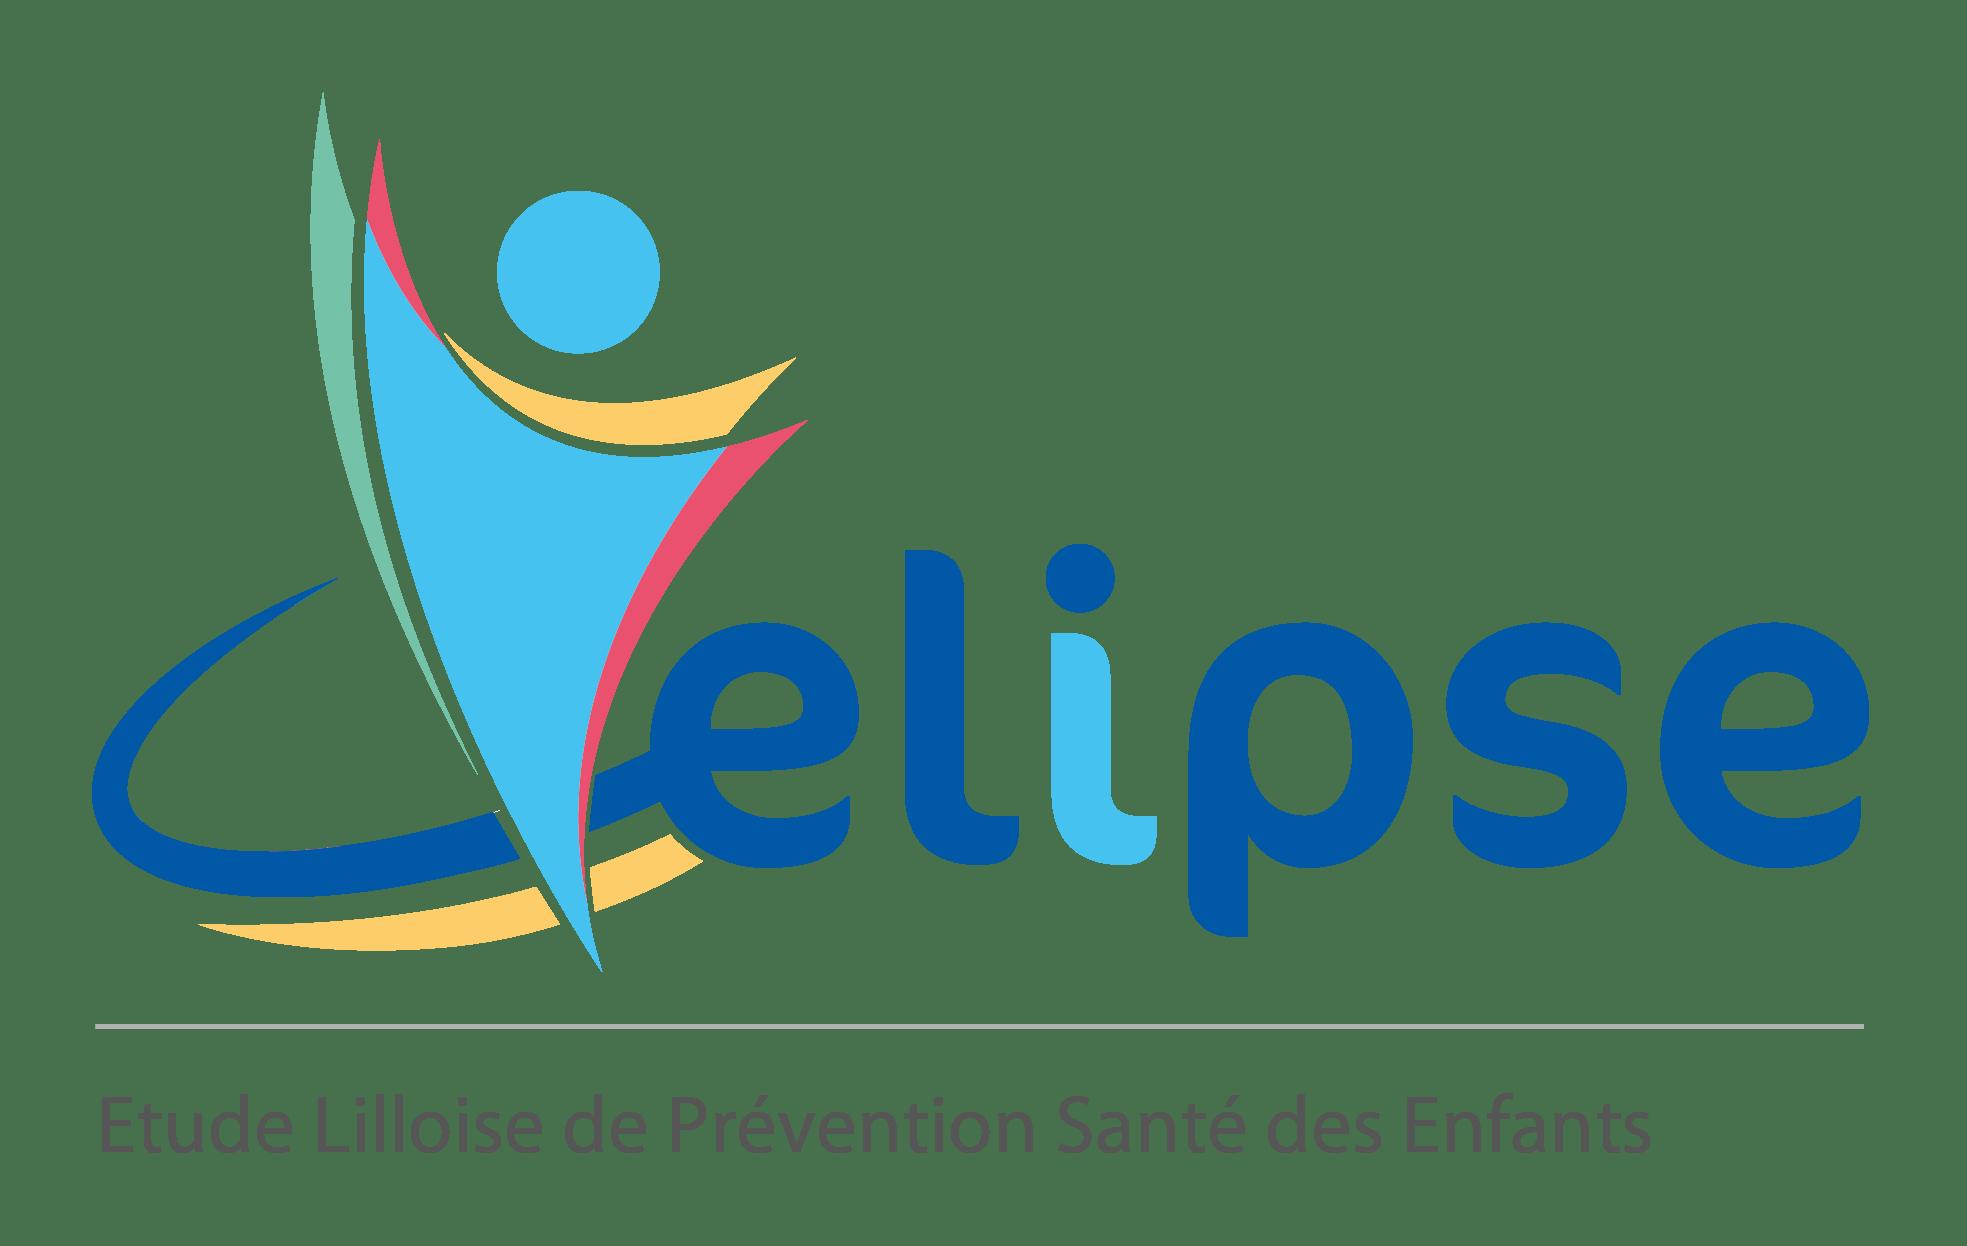 Etude Lilloise de Prévention Santé des